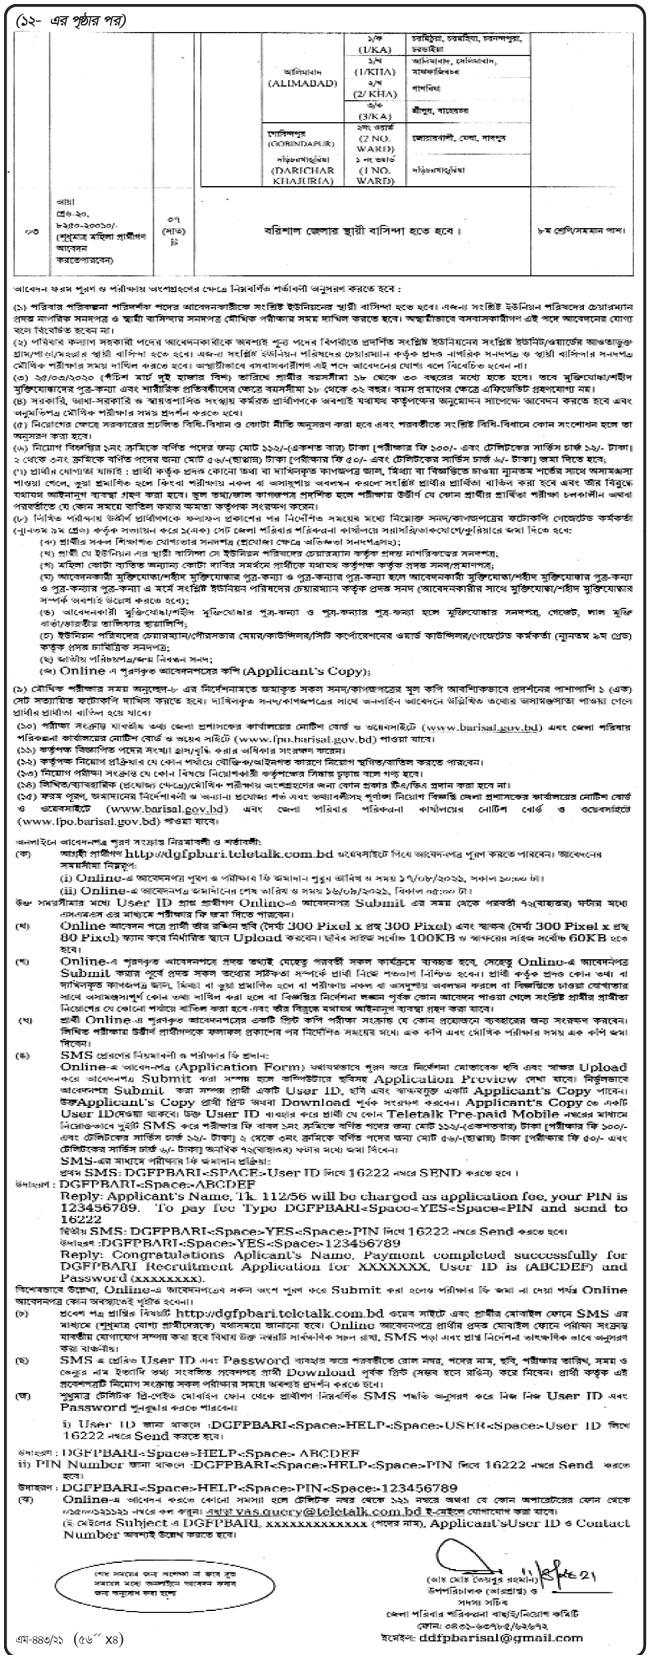 বরিশাল জেলা পরিবার পরিকল্পনা নিয়োগ বিজ্ঞপ্তি ২০২১ - Barisal Family Planning Job Circular 2021 - Family Planning Recruitment Circular 2021